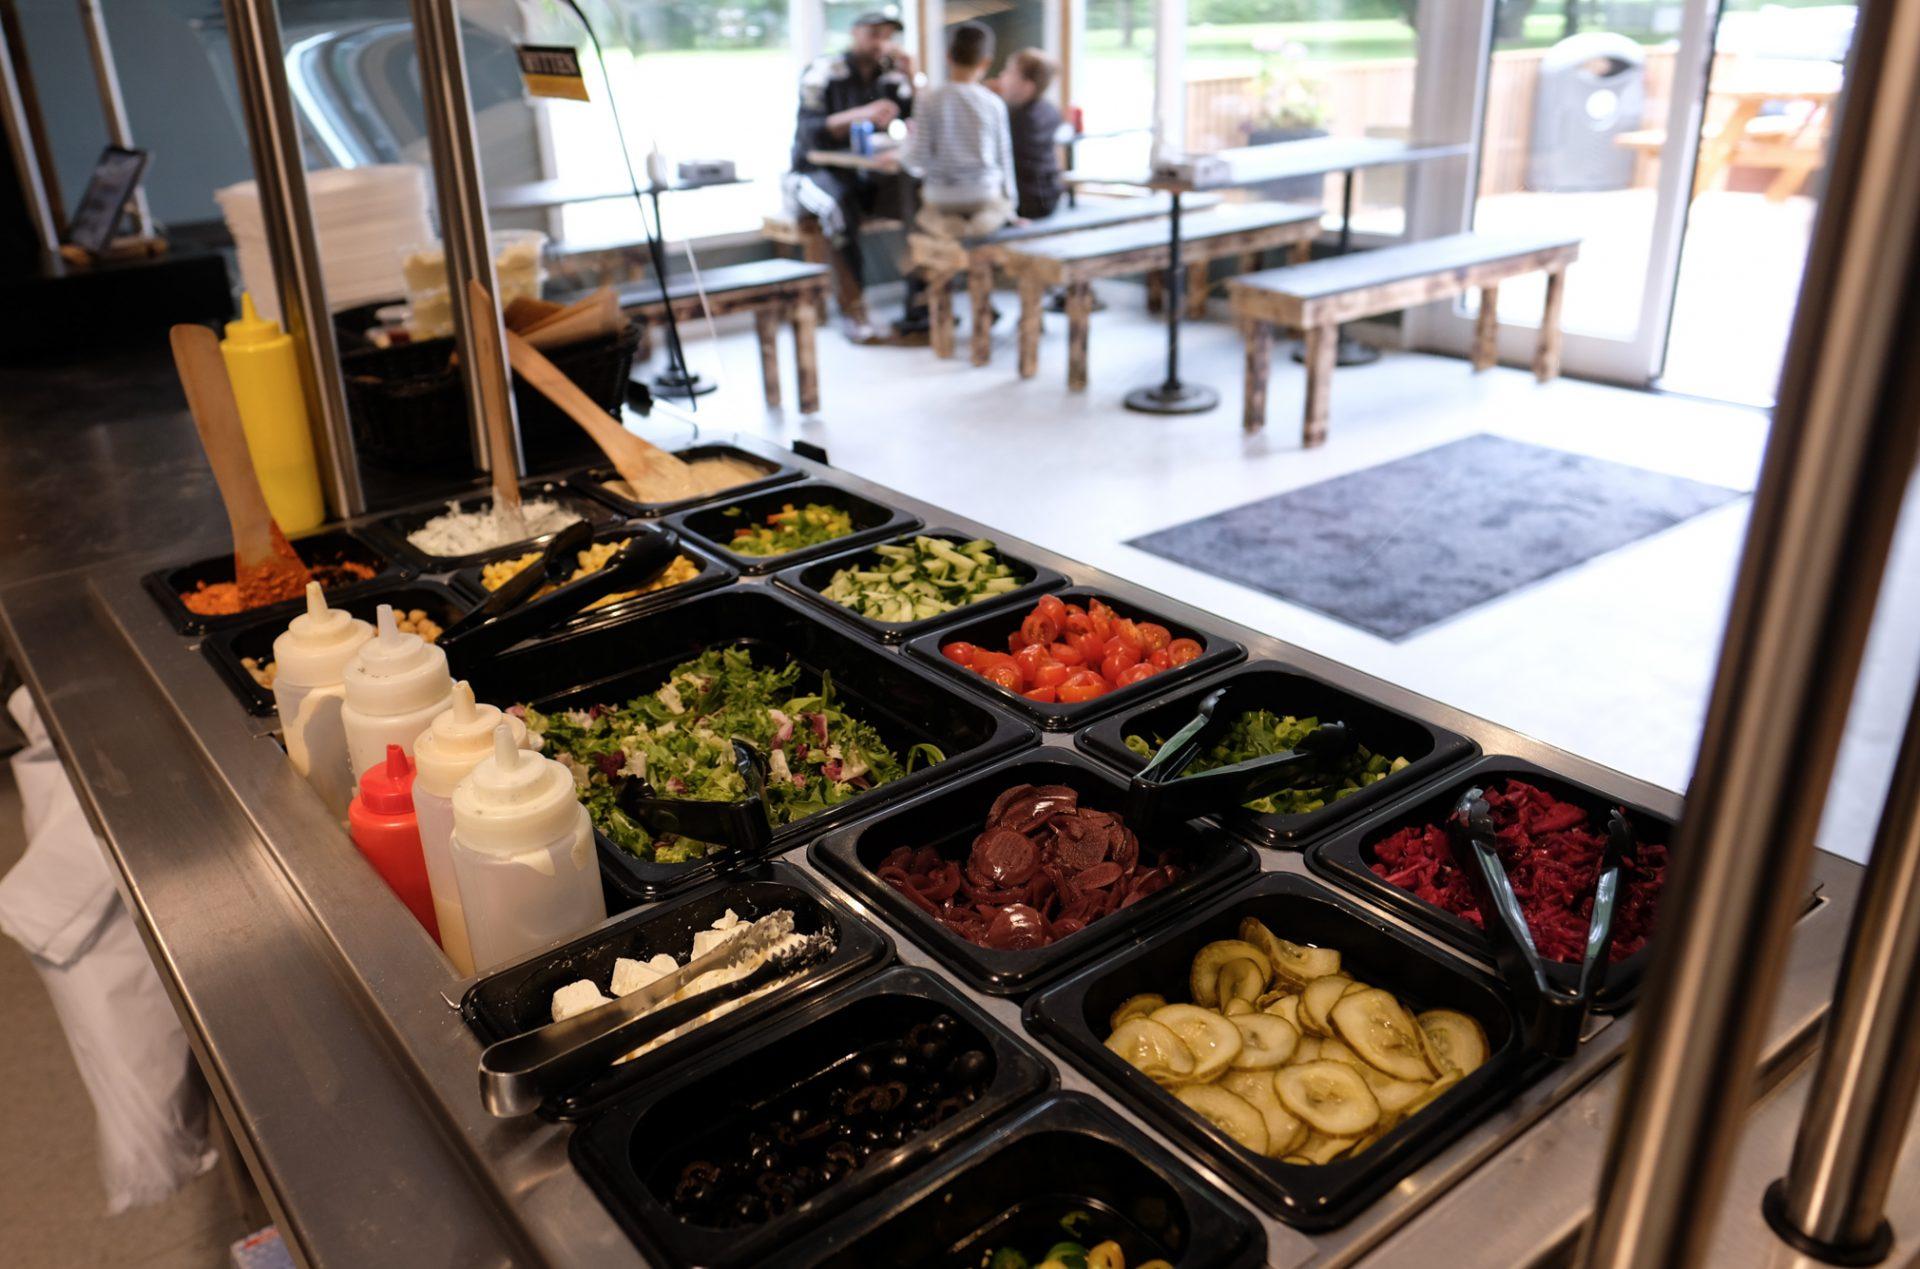 Det handler om smag: Ny og ambitiøs pitabar i Aarhus Nord